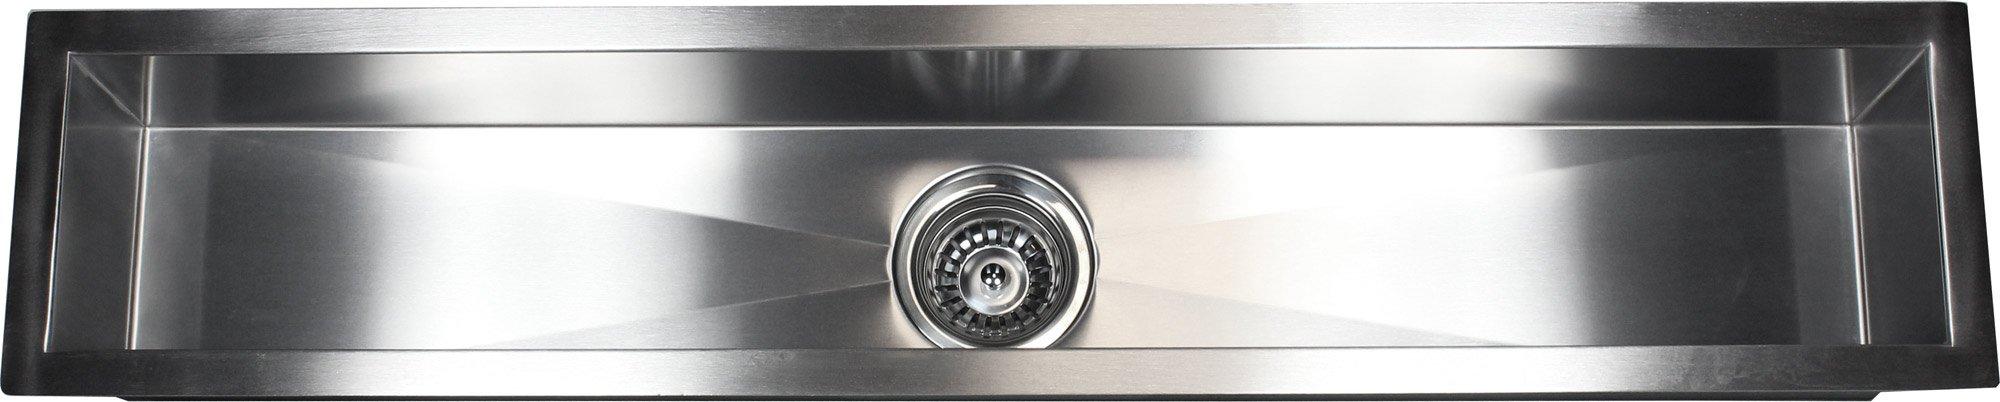 42 INCH Zero Radius Design Undermount Single Linear Bowl Stainless Steel Kitchen Bar Prep Island Sink (42 INCH) KKR-F4208